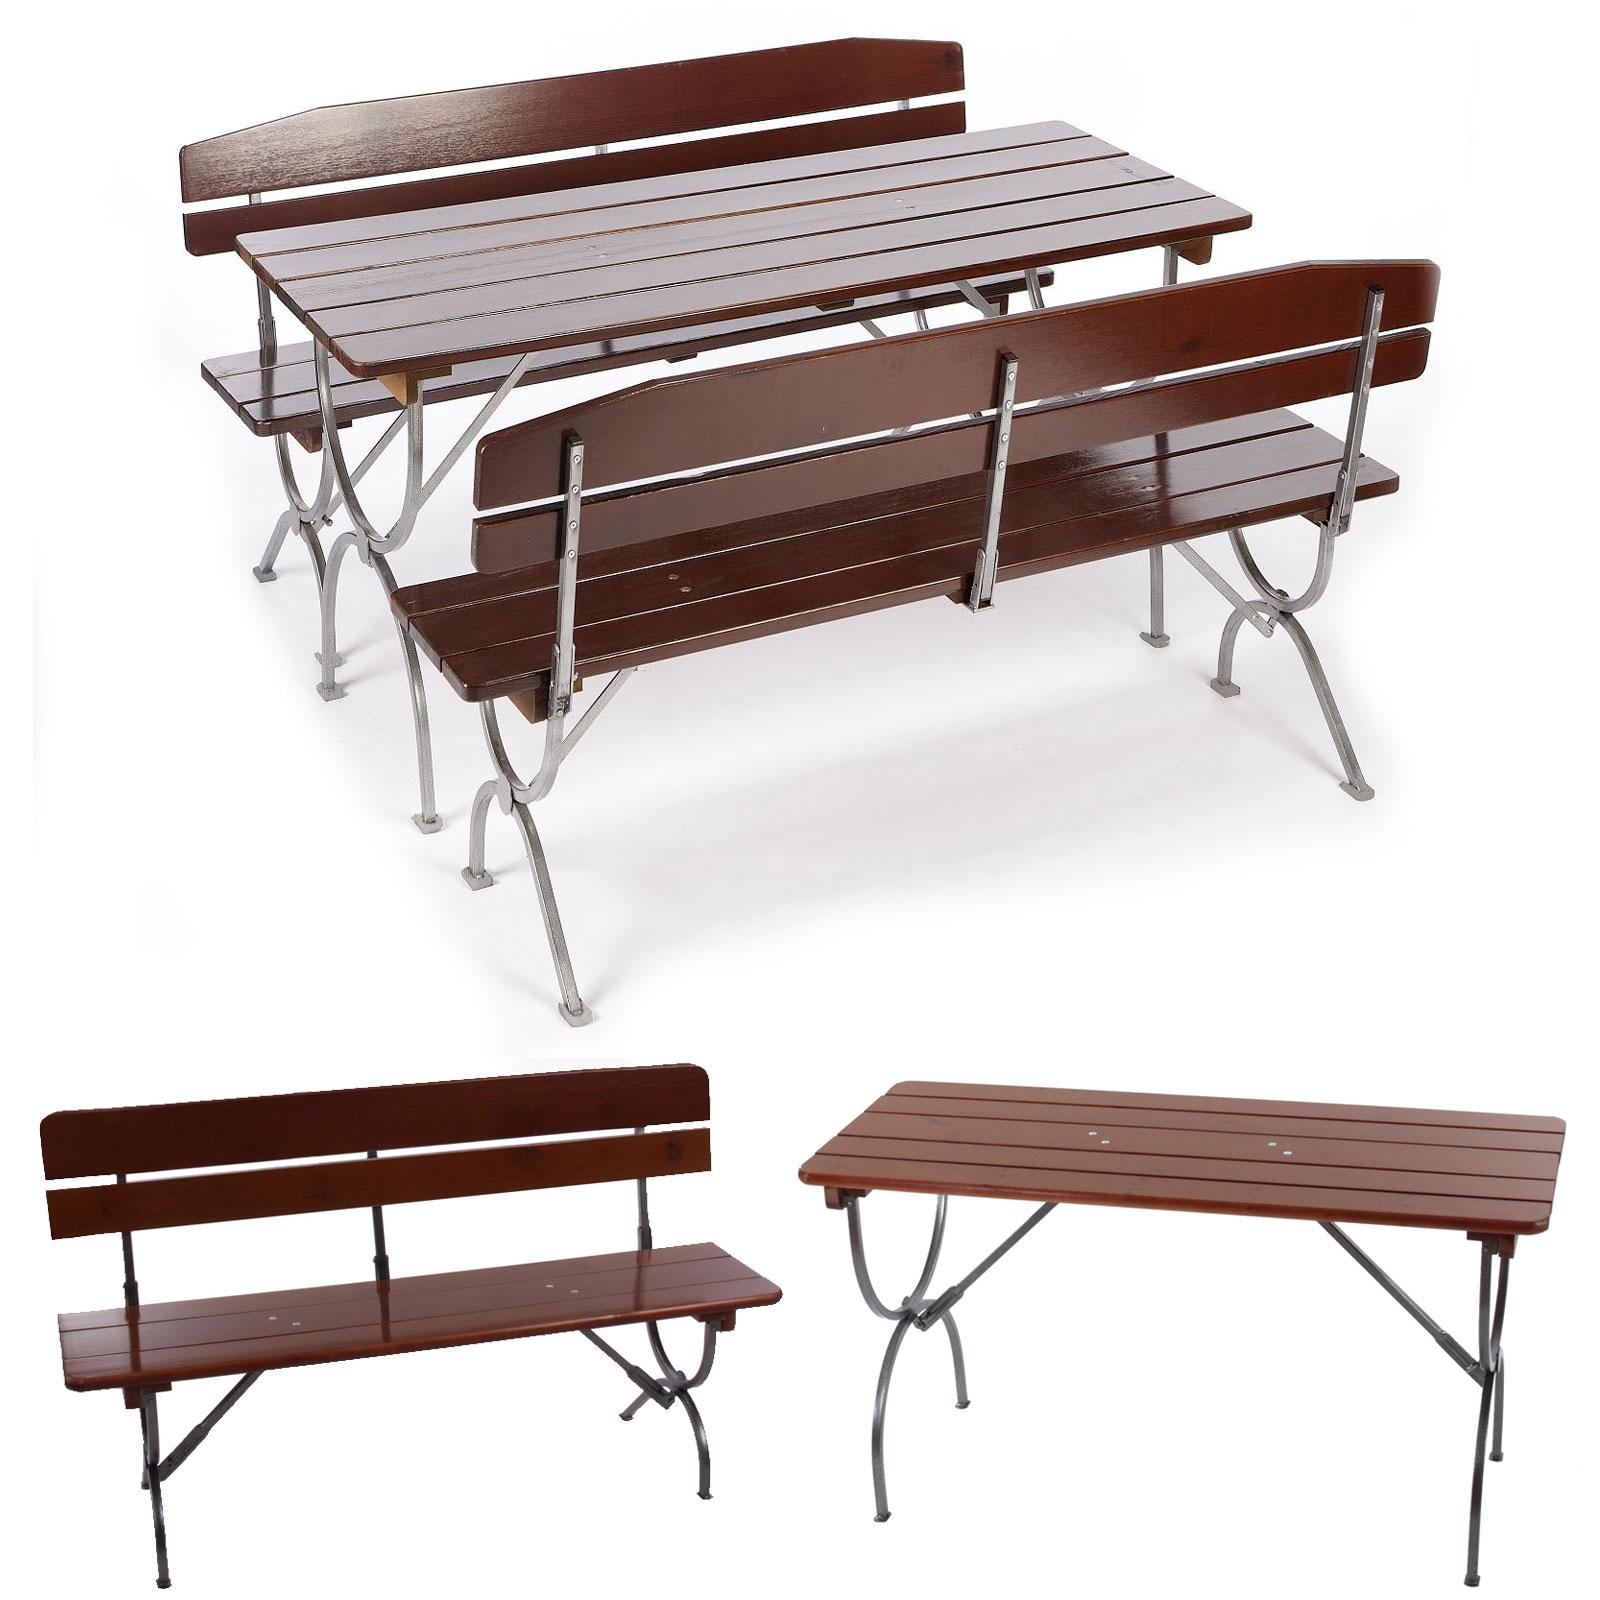 gastronomie bierzeltgarnitur linz 2x bank mit lehne tisch 150 180cm ebay. Black Bedroom Furniture Sets. Home Design Ideas